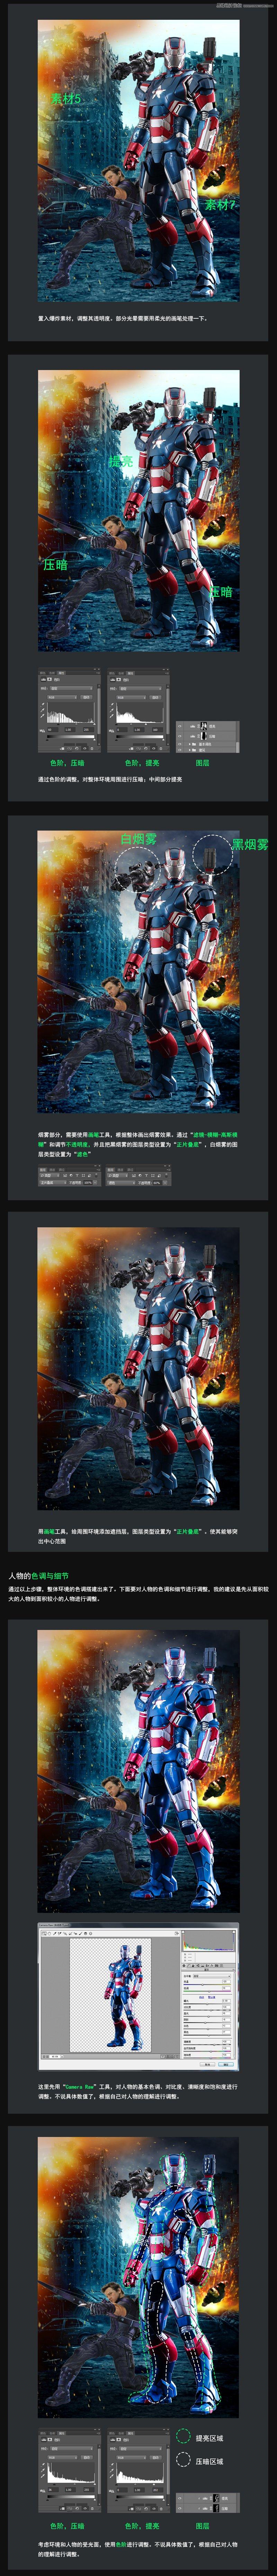 Photoshop合成炫酷的鋼鐵俠電影海報